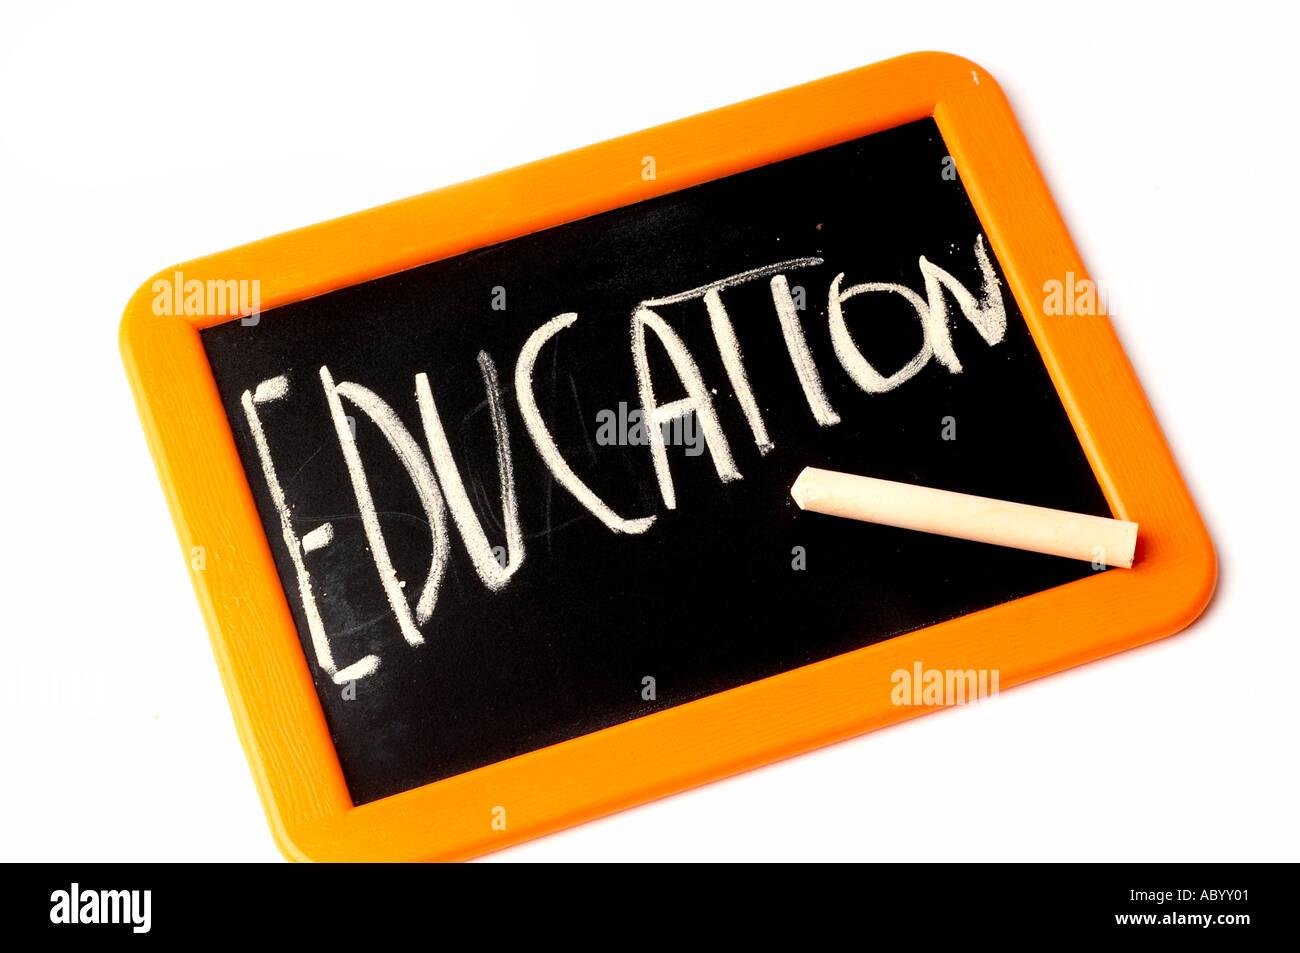 Tableau Noir Tableau Noir Enfant Dyslexique A L Ecole Education Apprendre Enseigner Skool Apprentissage Enseignement Professeur D Orthographe Orthographe Ecriture Craie W Photo Stock Alamy